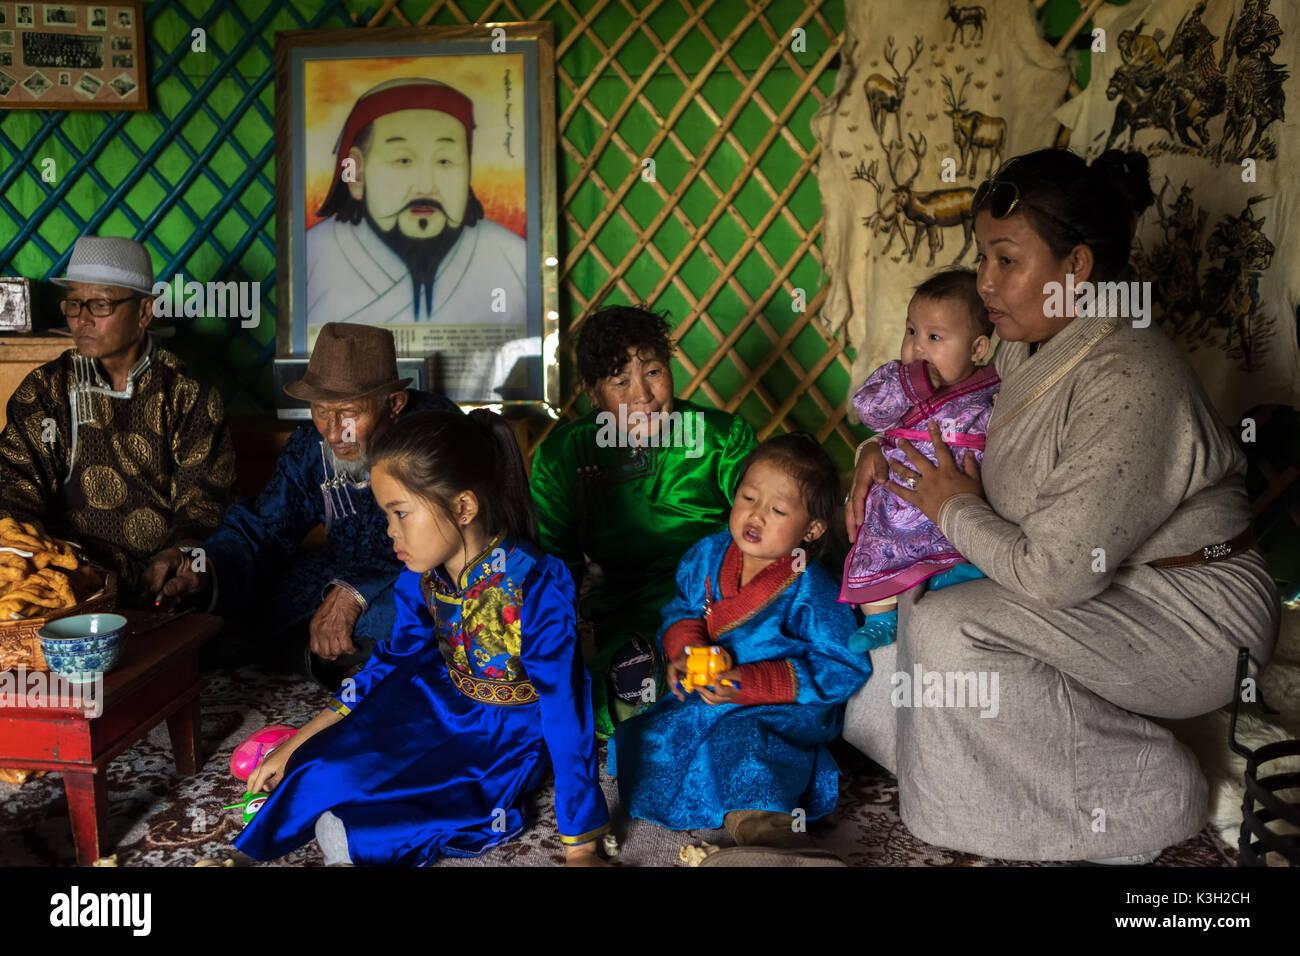 En Mongolie intérieure, Chine - 26 juillet, 2017: Traditionnellement vêtus famille mongole assis dans leur tente (appelé comme yourte). Photo Stock